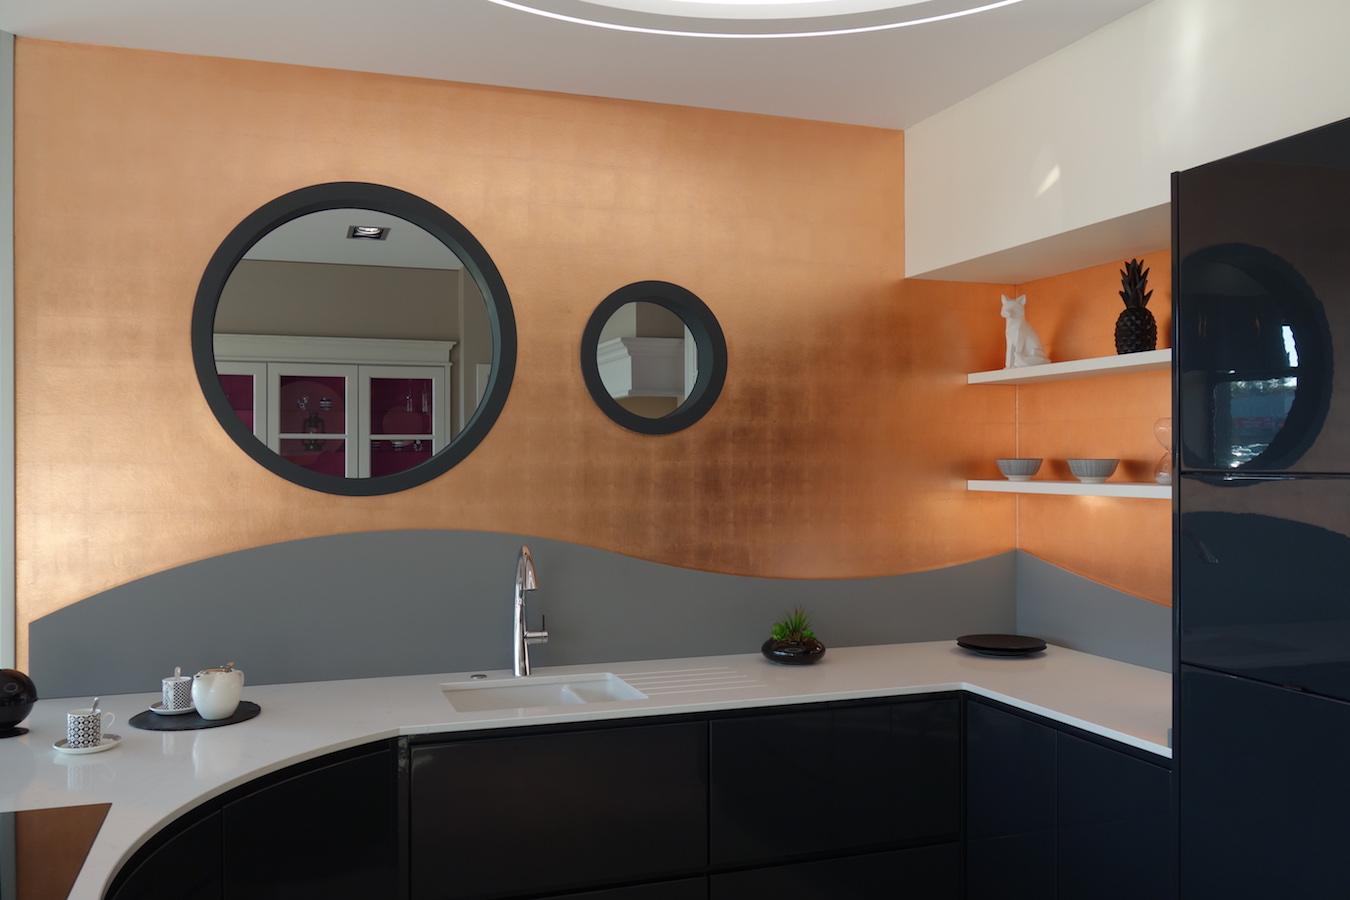 murs dor s la feuille de cuivre naturelle pour le showroom des cuisines gravouille ancenis. Black Bedroom Furniture Sets. Home Design Ideas